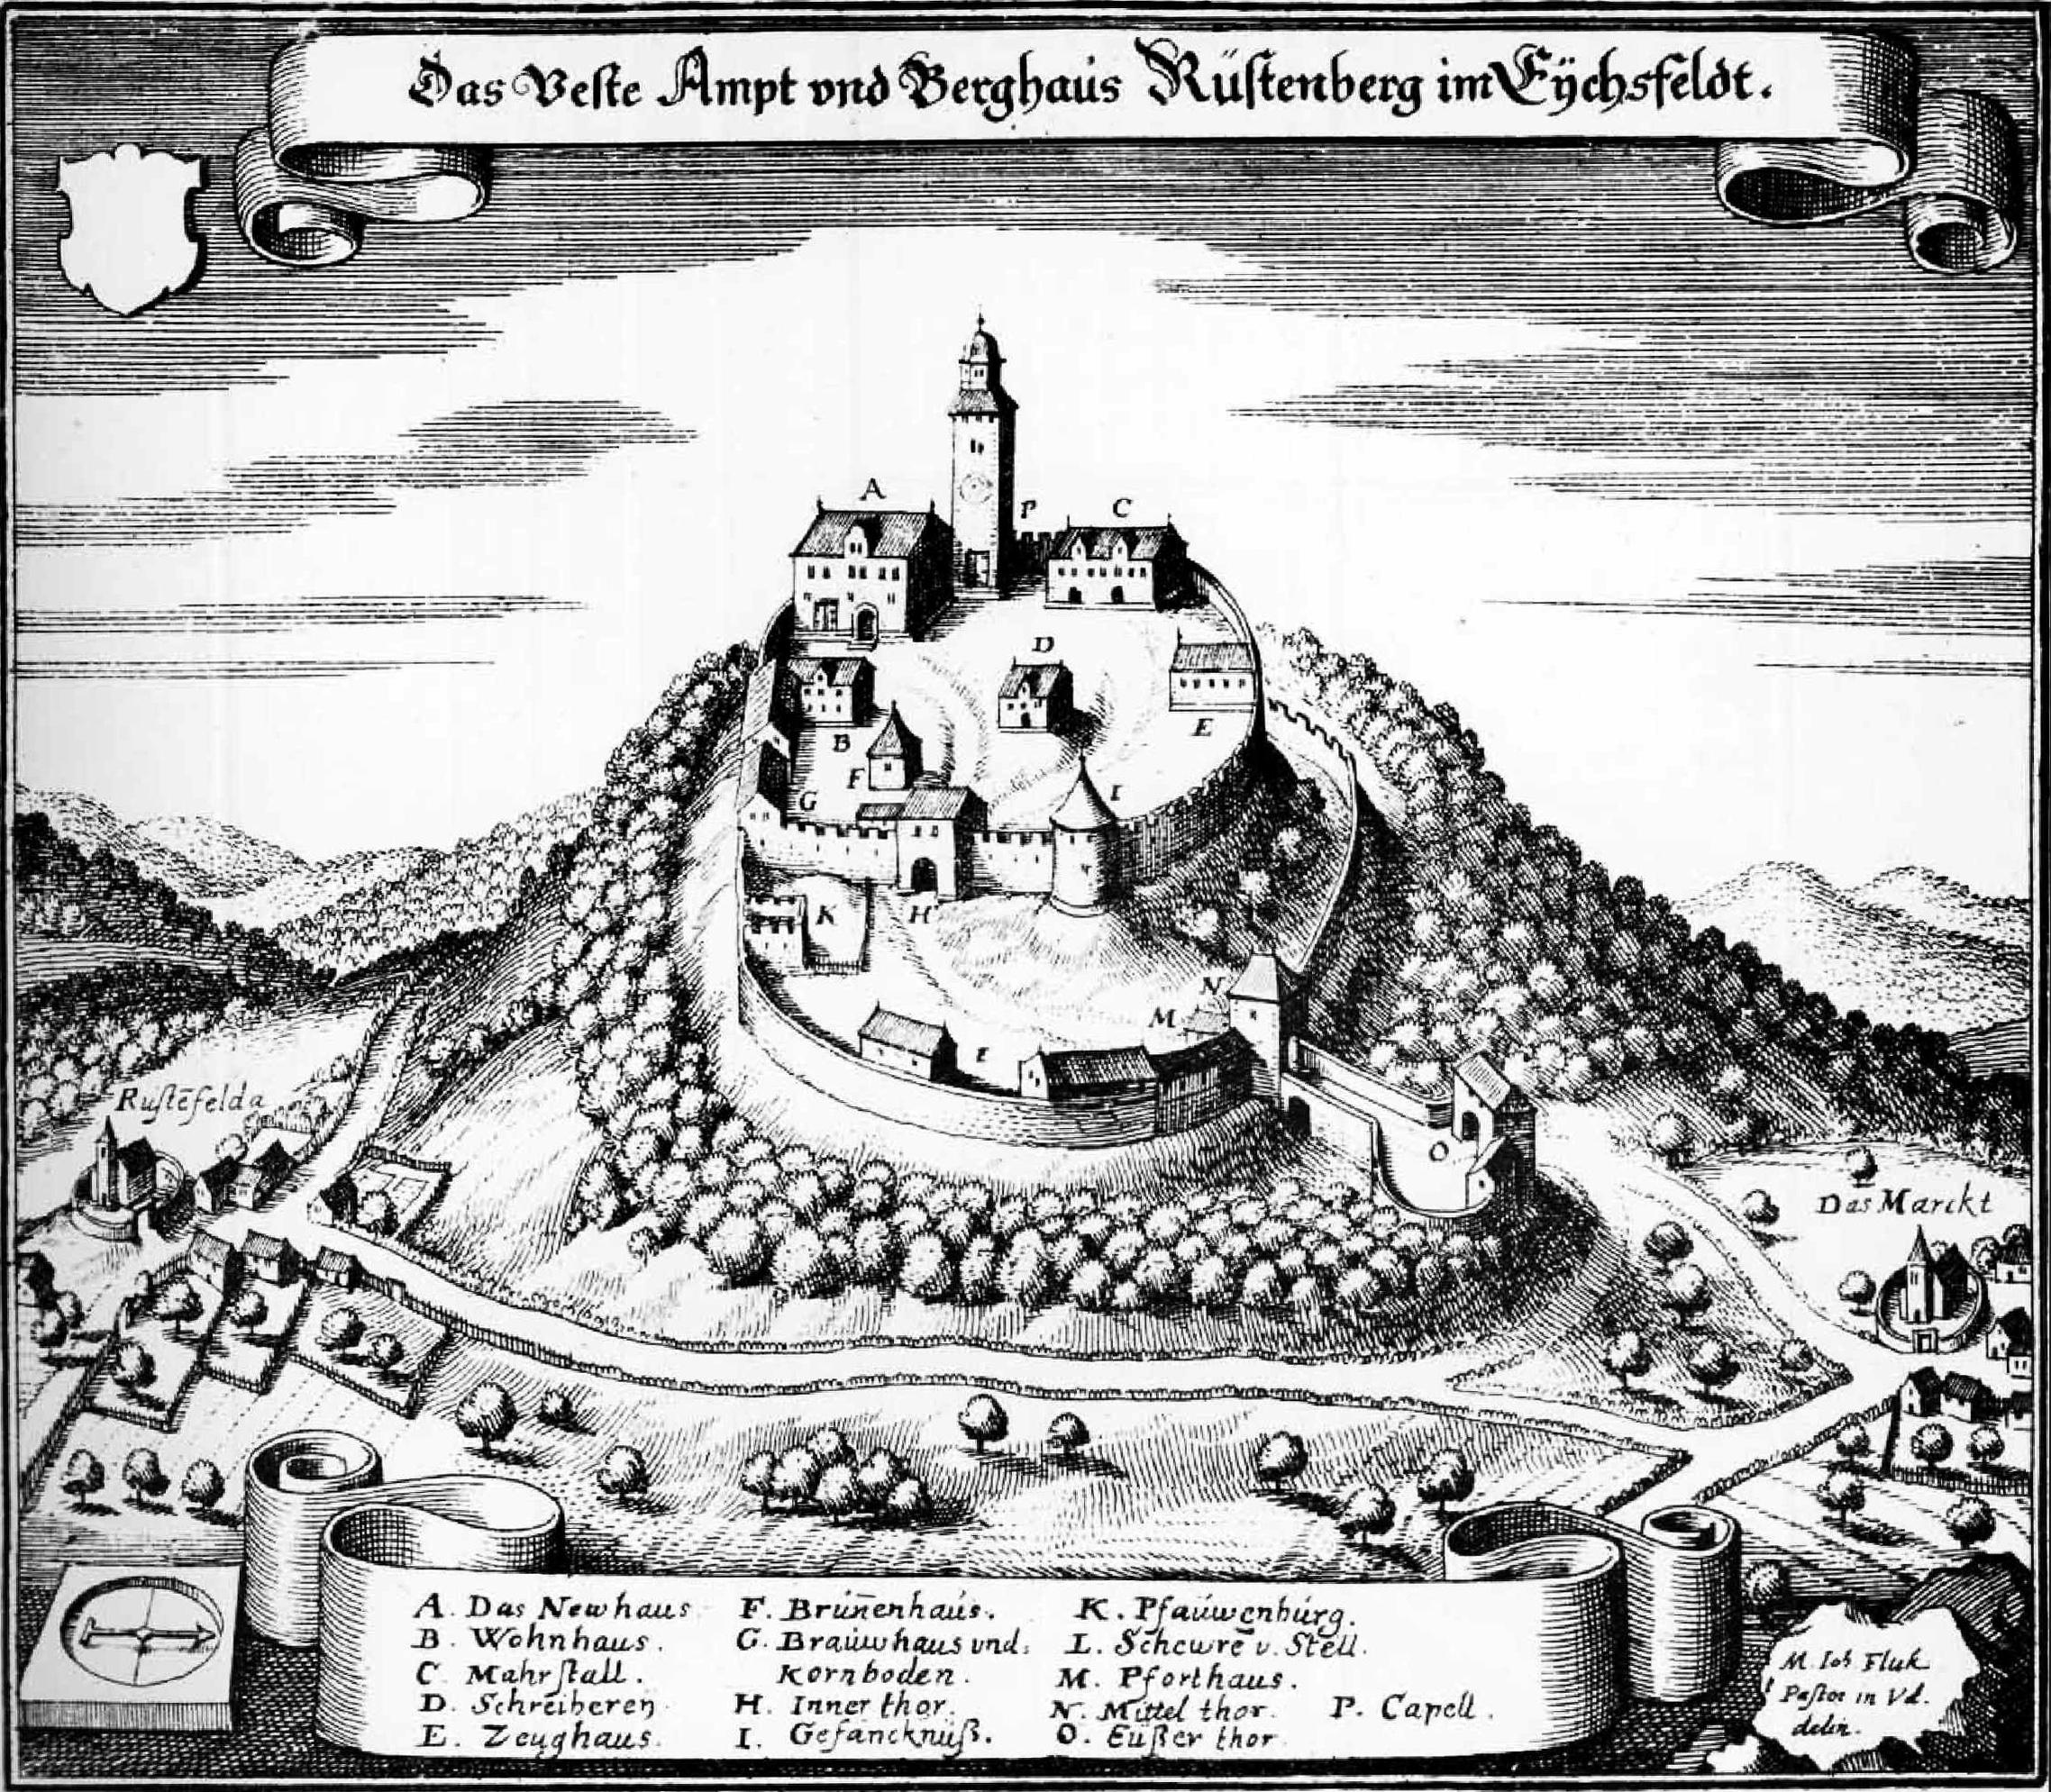 File:Merian 1646 Das Veste Ampt und Berghaus Ruestenberg im Eychsfeld.jpg